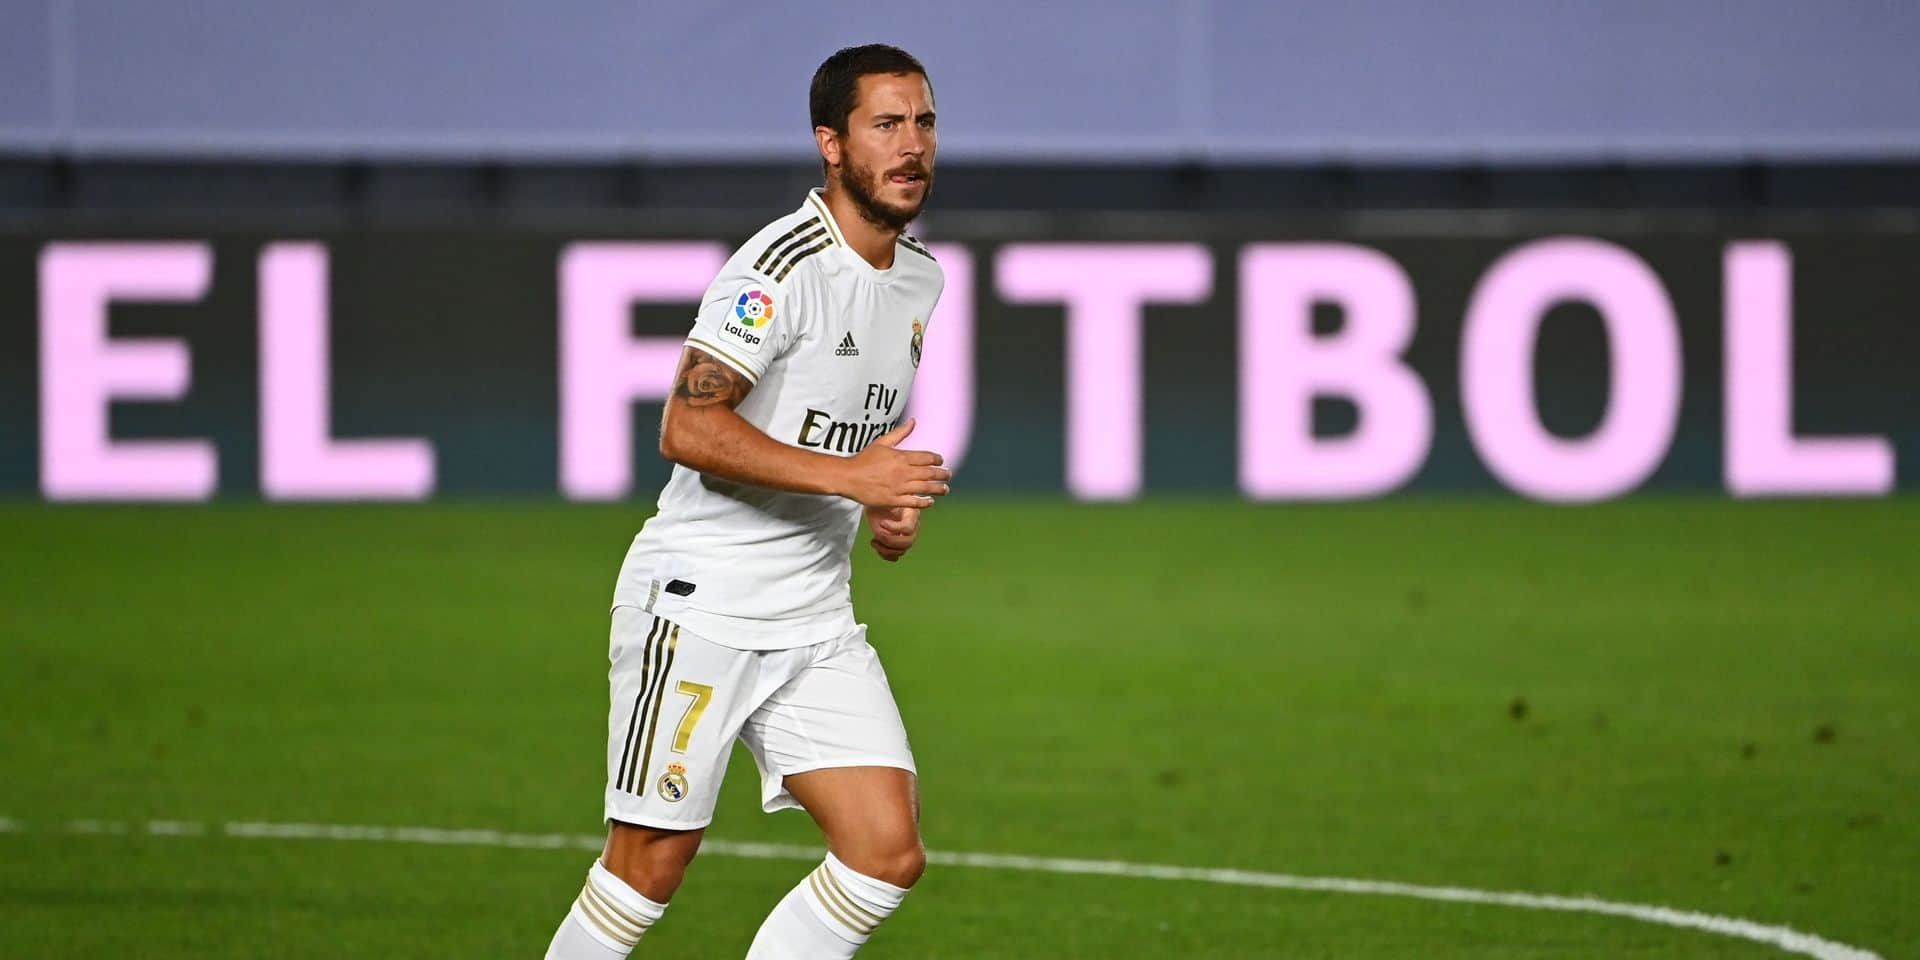 """Bonne nouvelle pour Hazard, qui devrait retrouver du temps de jeu lors du match pour le titre: """"Il ne ressent plus de gêne et se sent bien"""""""